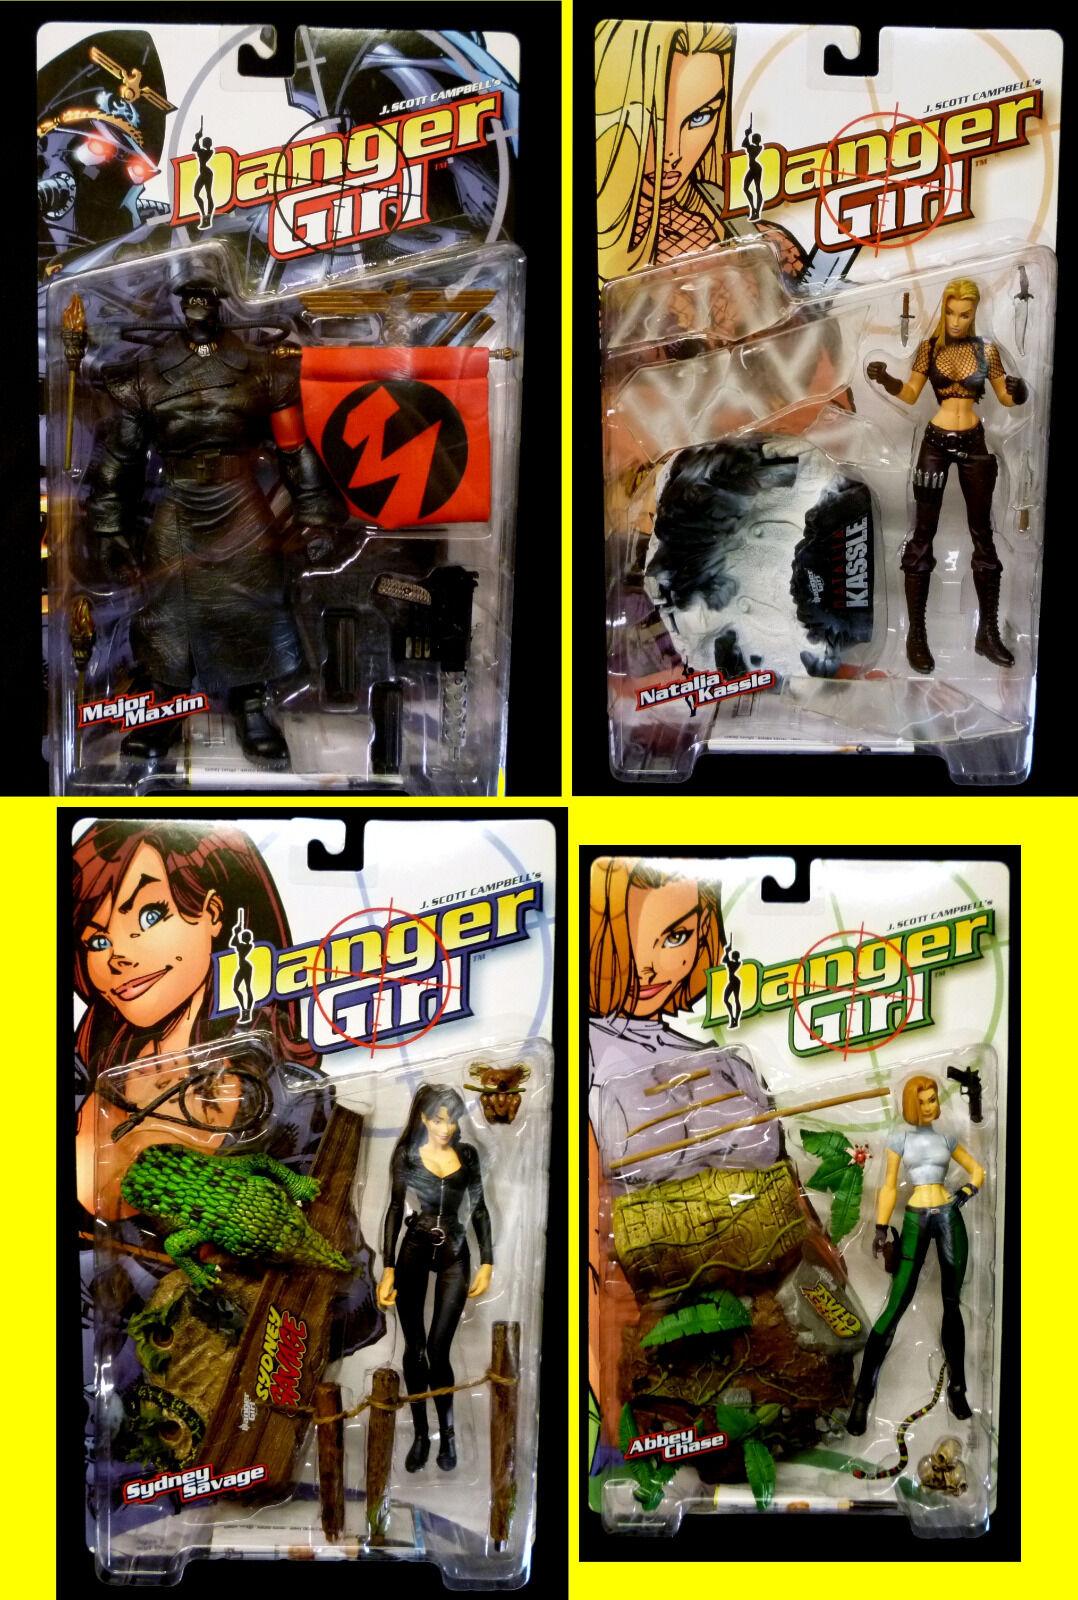 McFarlane Toys Danger Girl Campbell 4  Action Figure Set nouveau 1999 Abbey Chase  remise élevée